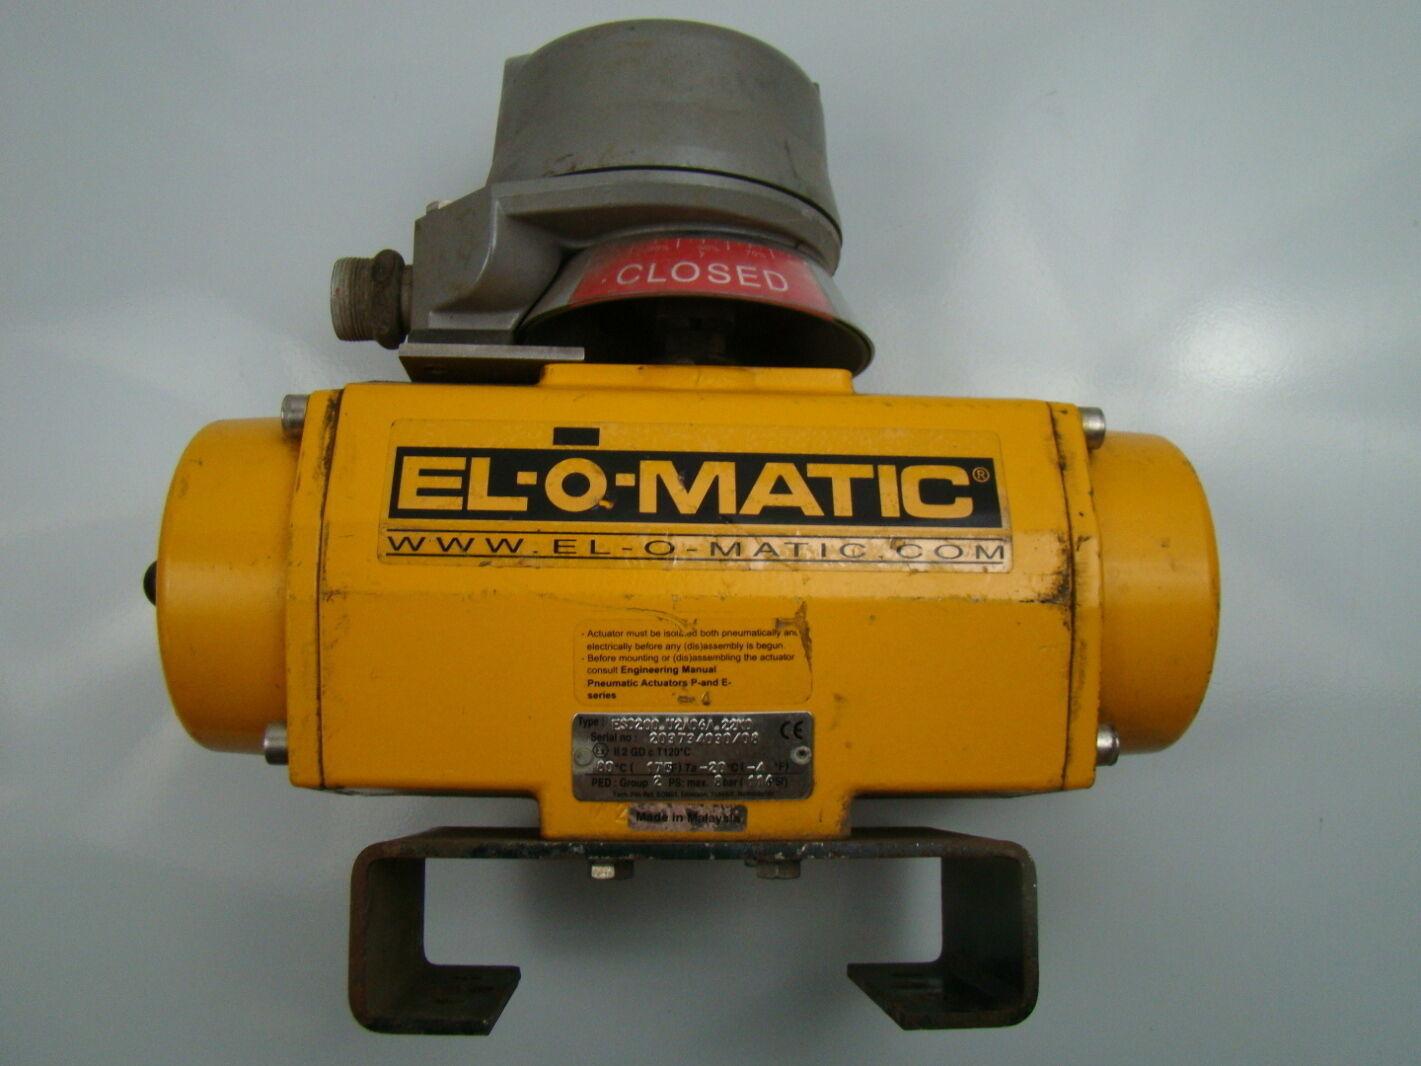 EL-O-MATIC 116 PSI Pneumatic Actuator U2A06A 22N0 ES0200